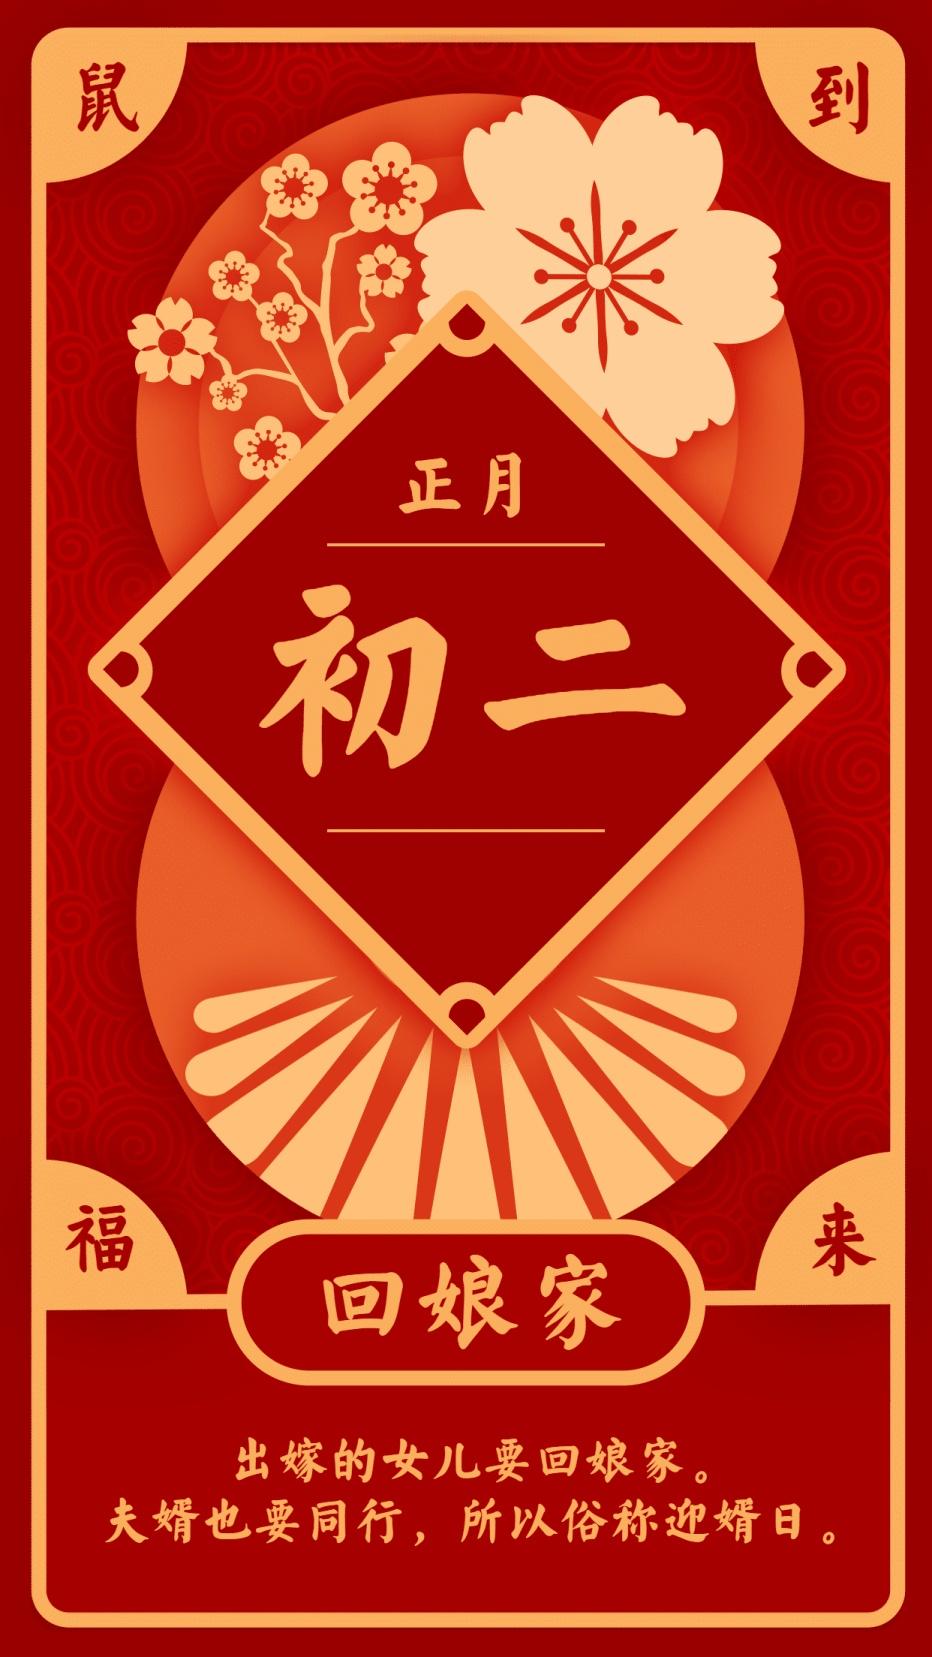 春节习俗/初二/创意中国风/手机海报